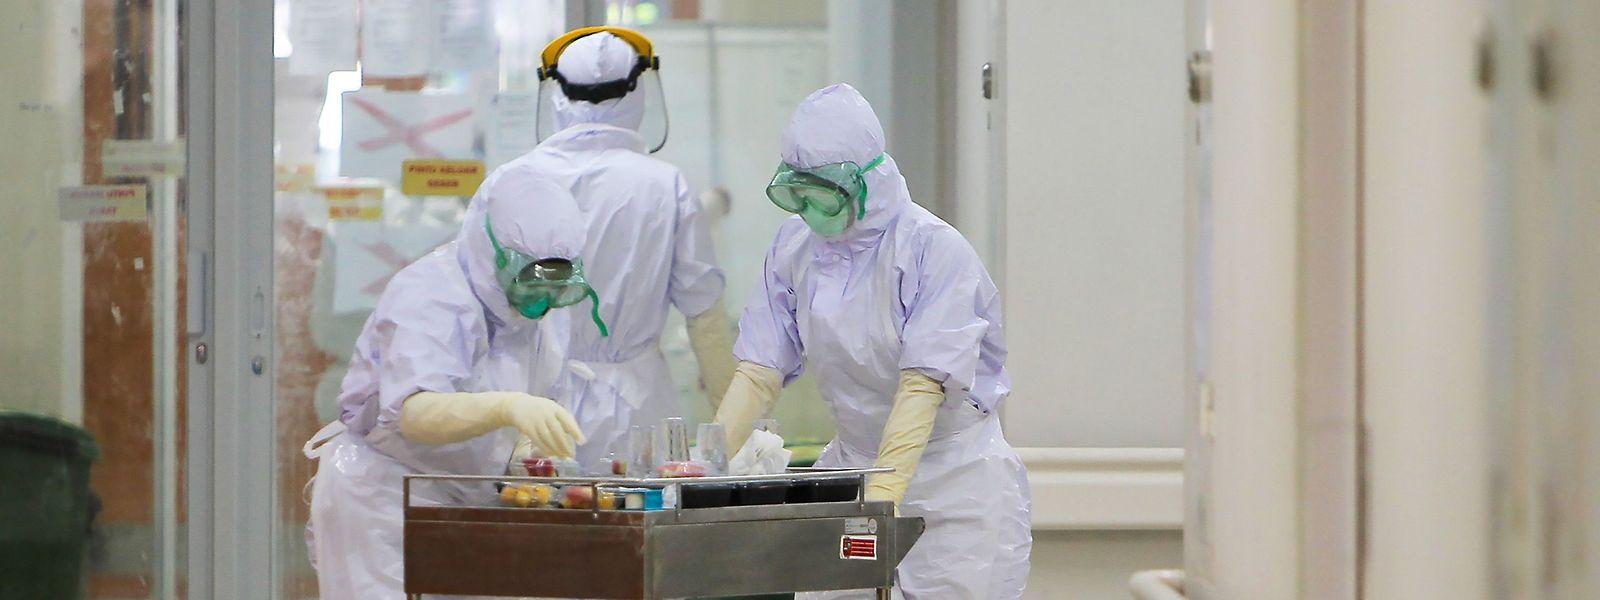 Wer sich am Arbeitsplatz mit Covid-19 infiziert, hat vollumfänglichen Anspruch auf Kostenübernahme.